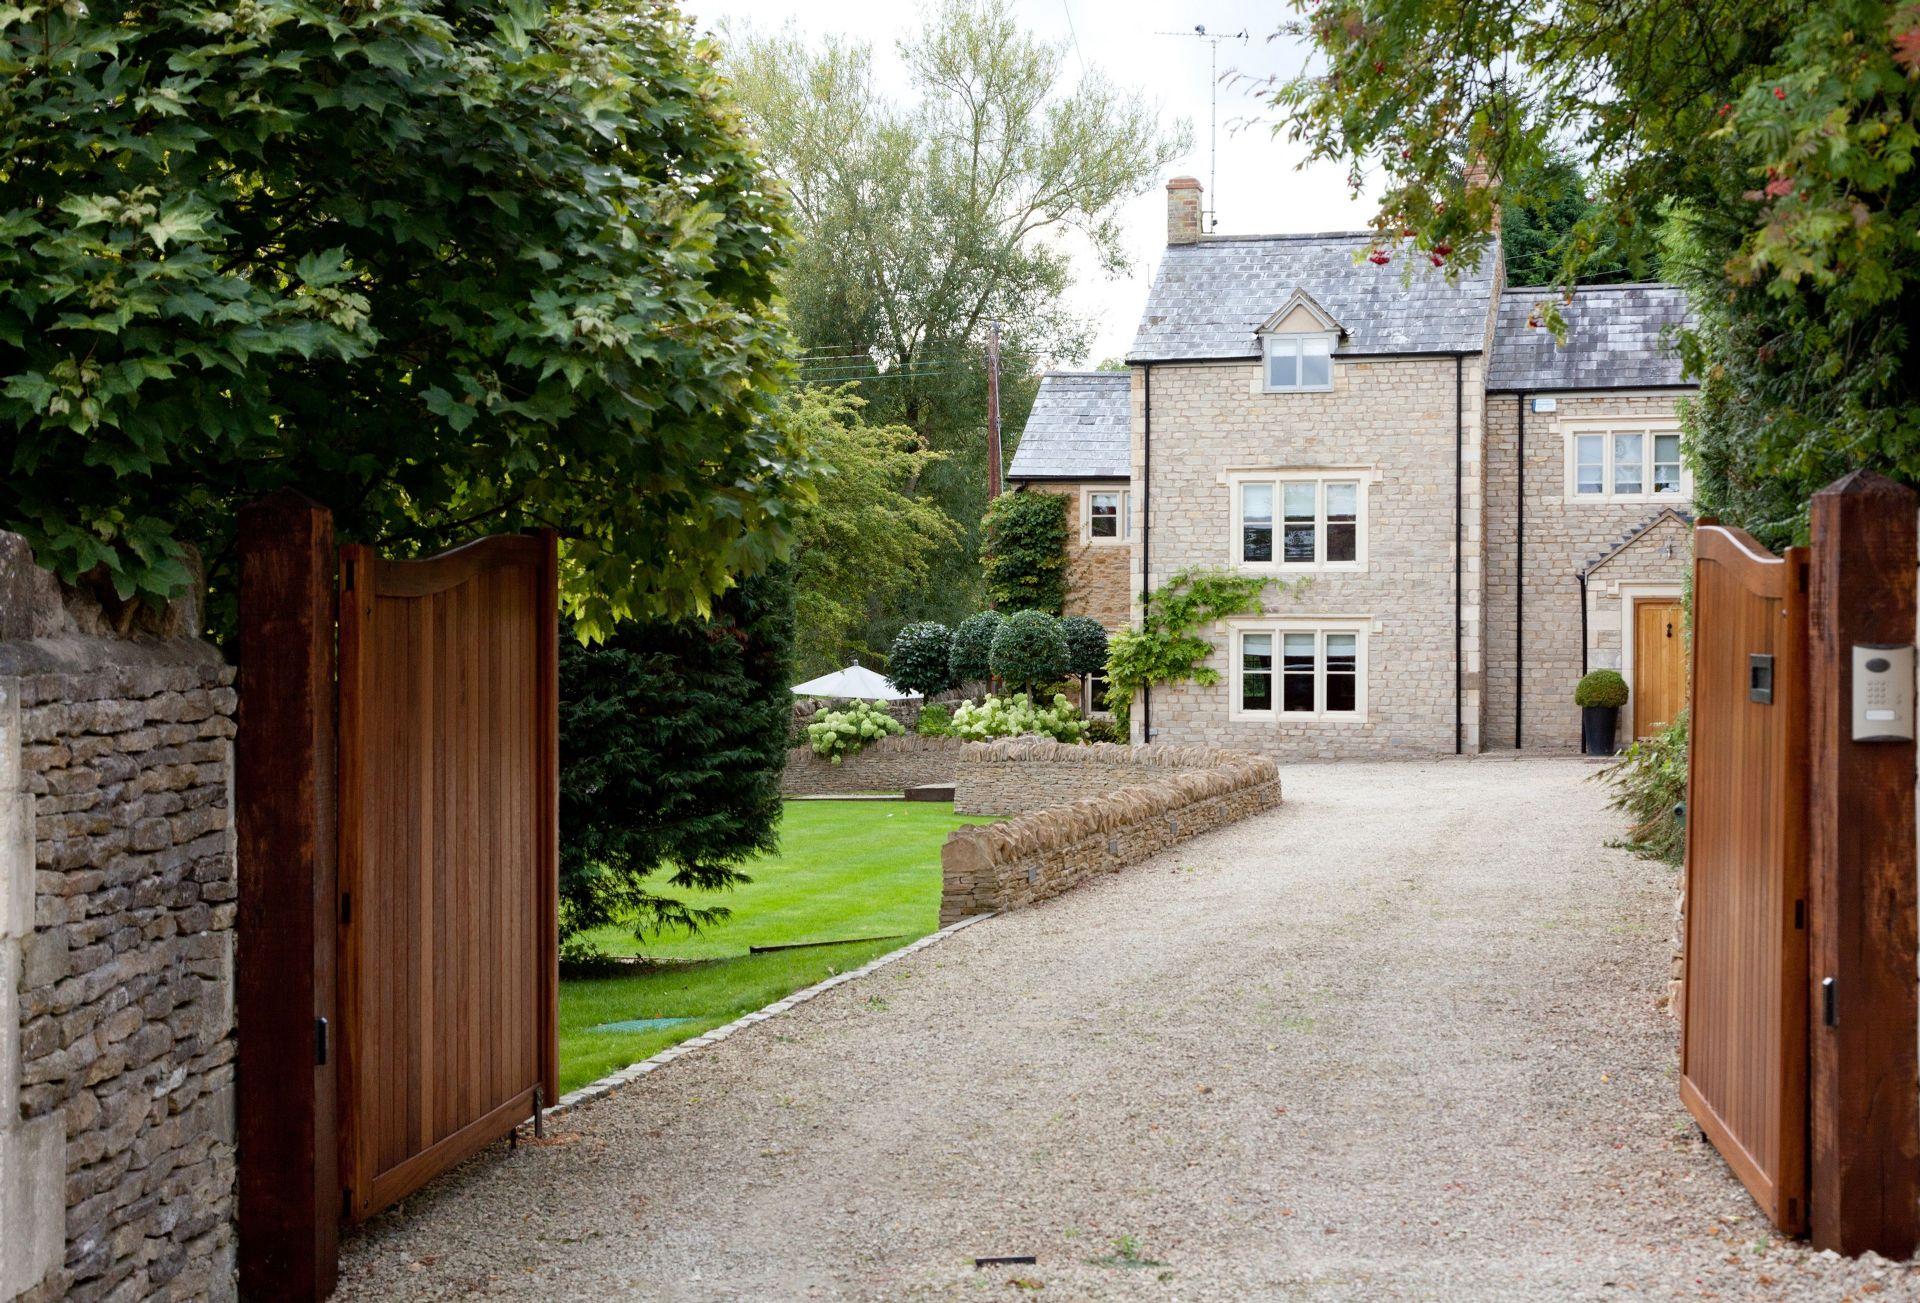 Image of Pear Tree Cottage (Oddington)